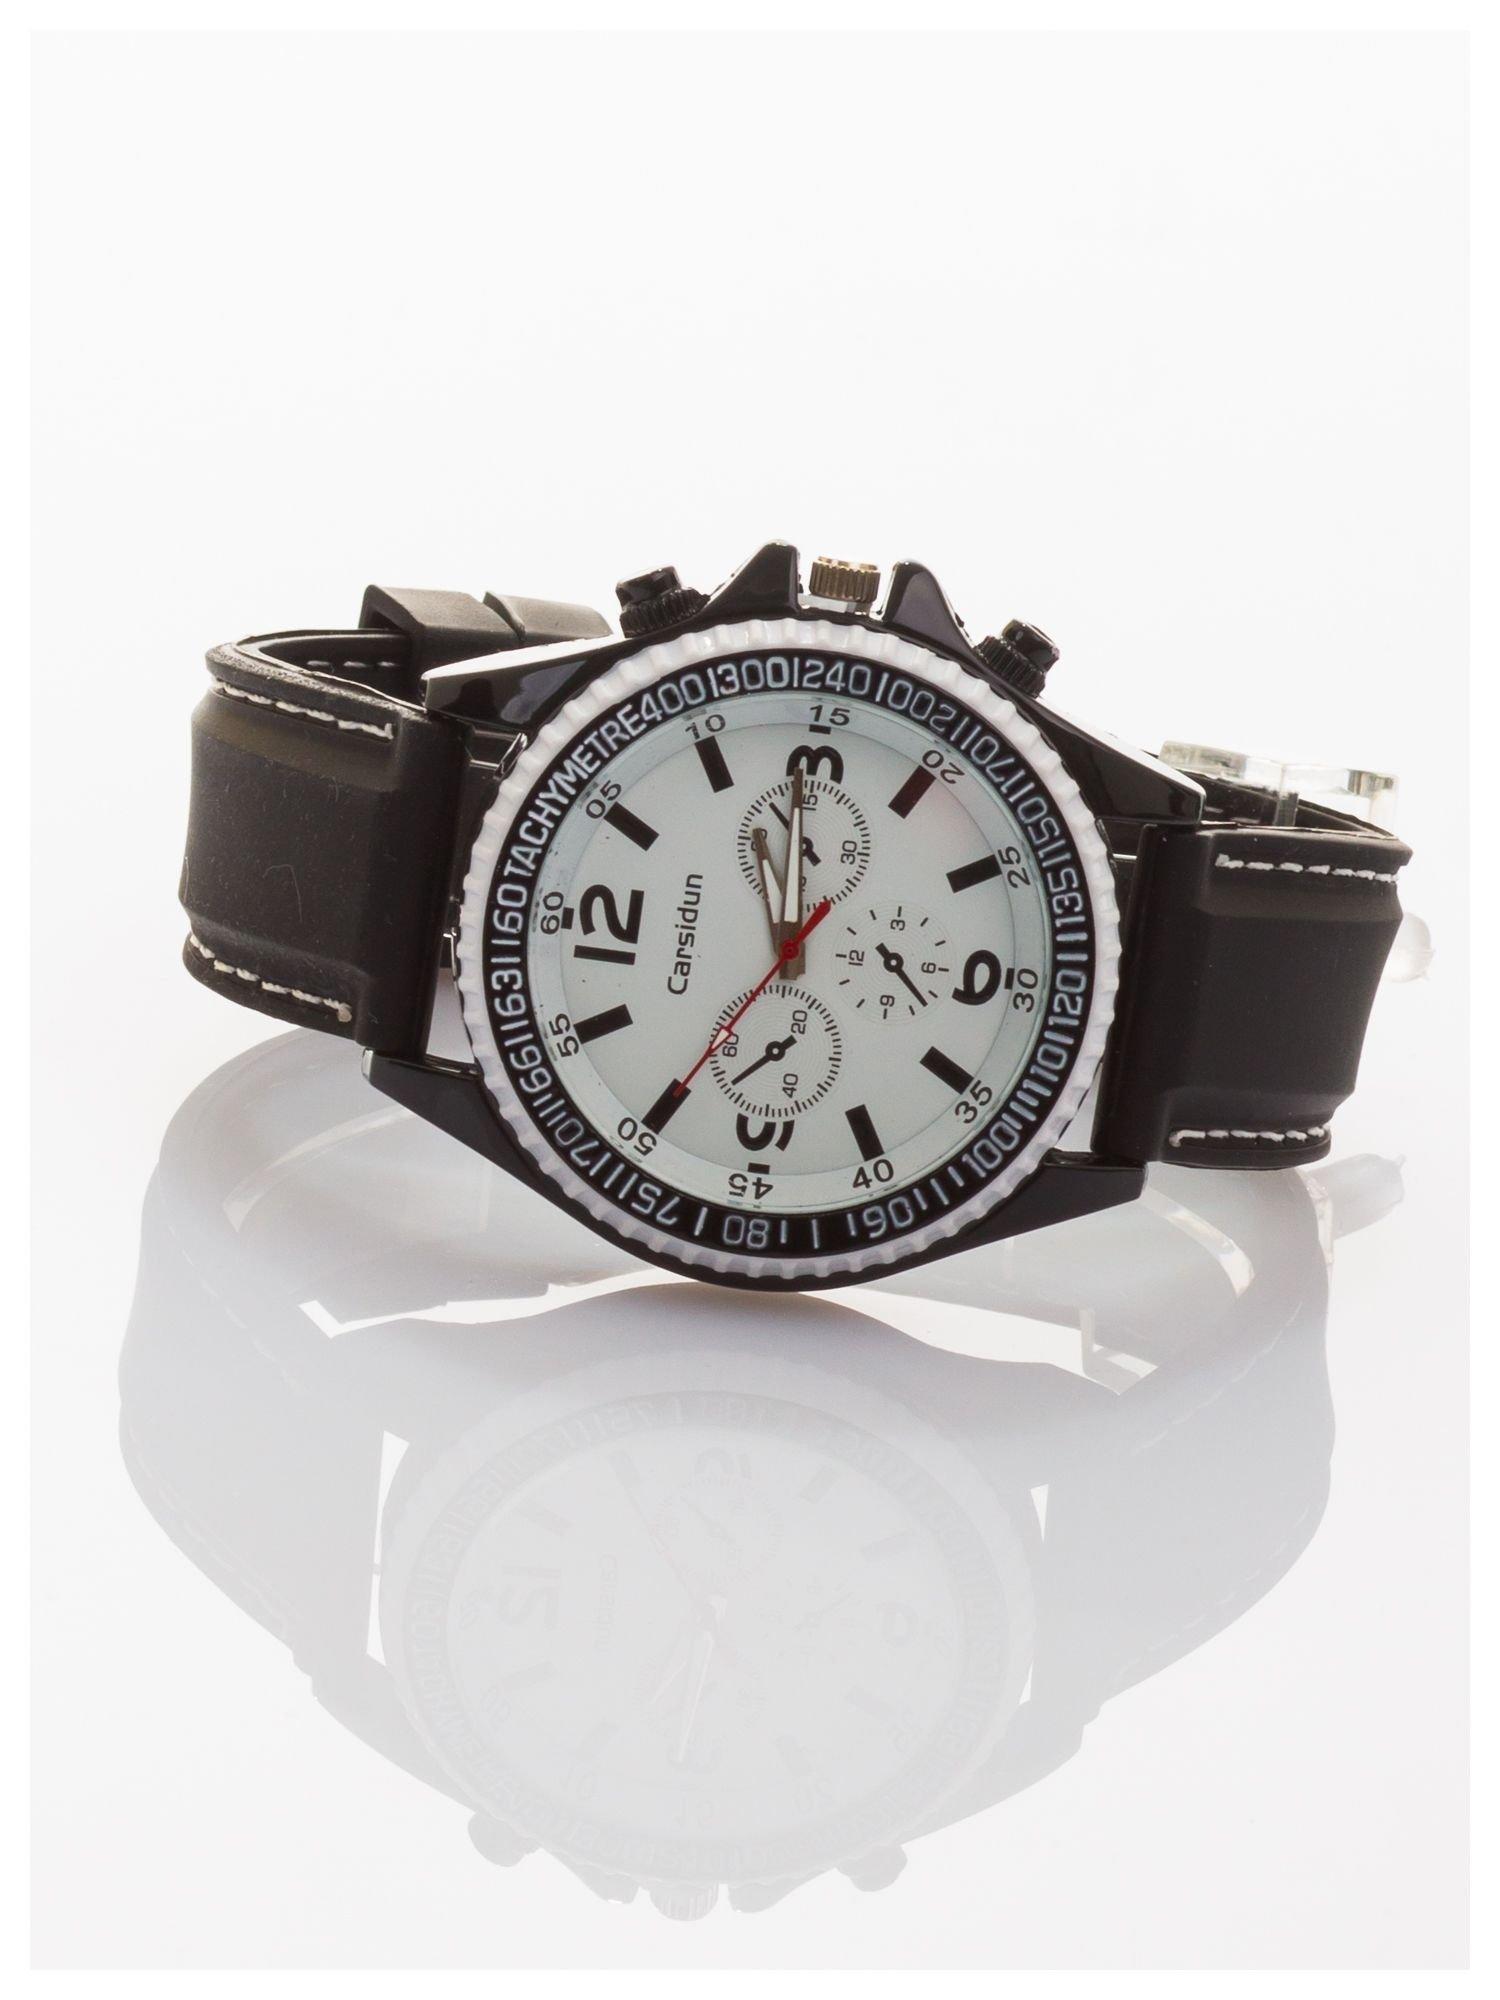 CARSIDUN Duży męski zegarek z ozdobnym chronometrem i tachometrem                                  zdj.                                  2